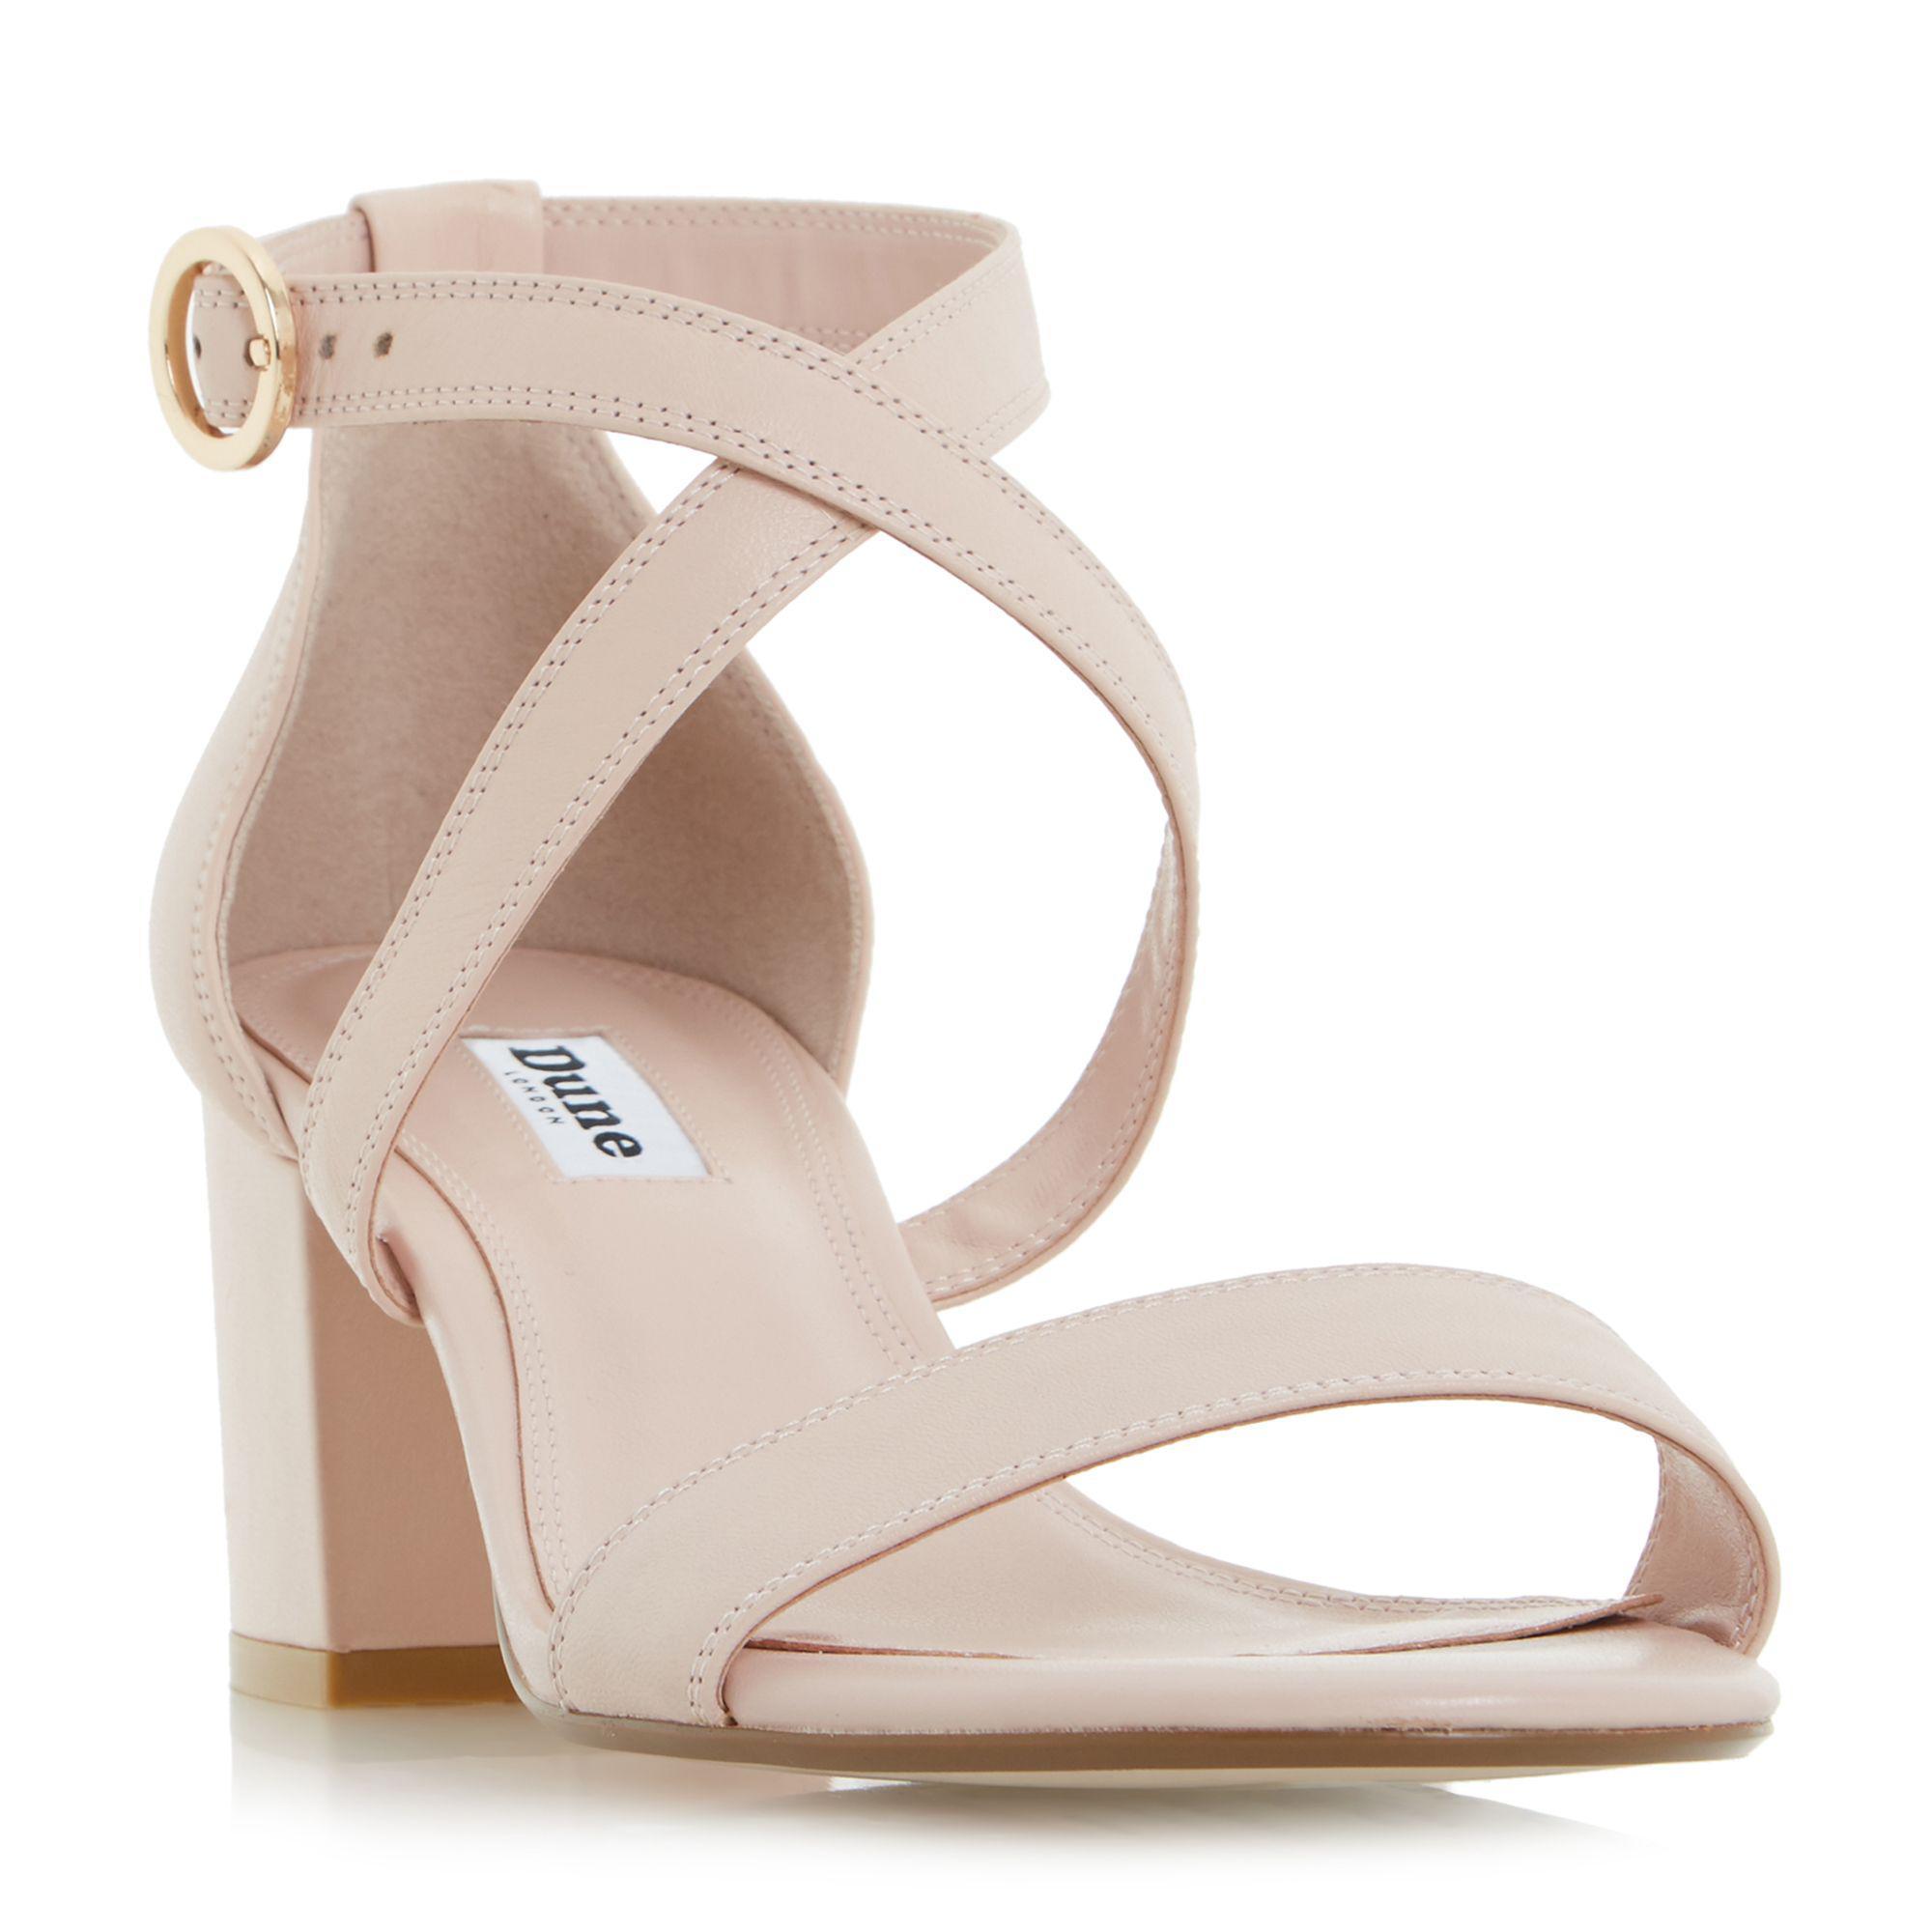 82f409a89d9 Dune - Light Pink  montie  Cross Strap Block Heel Sandals - Lyst. View  fullscreen